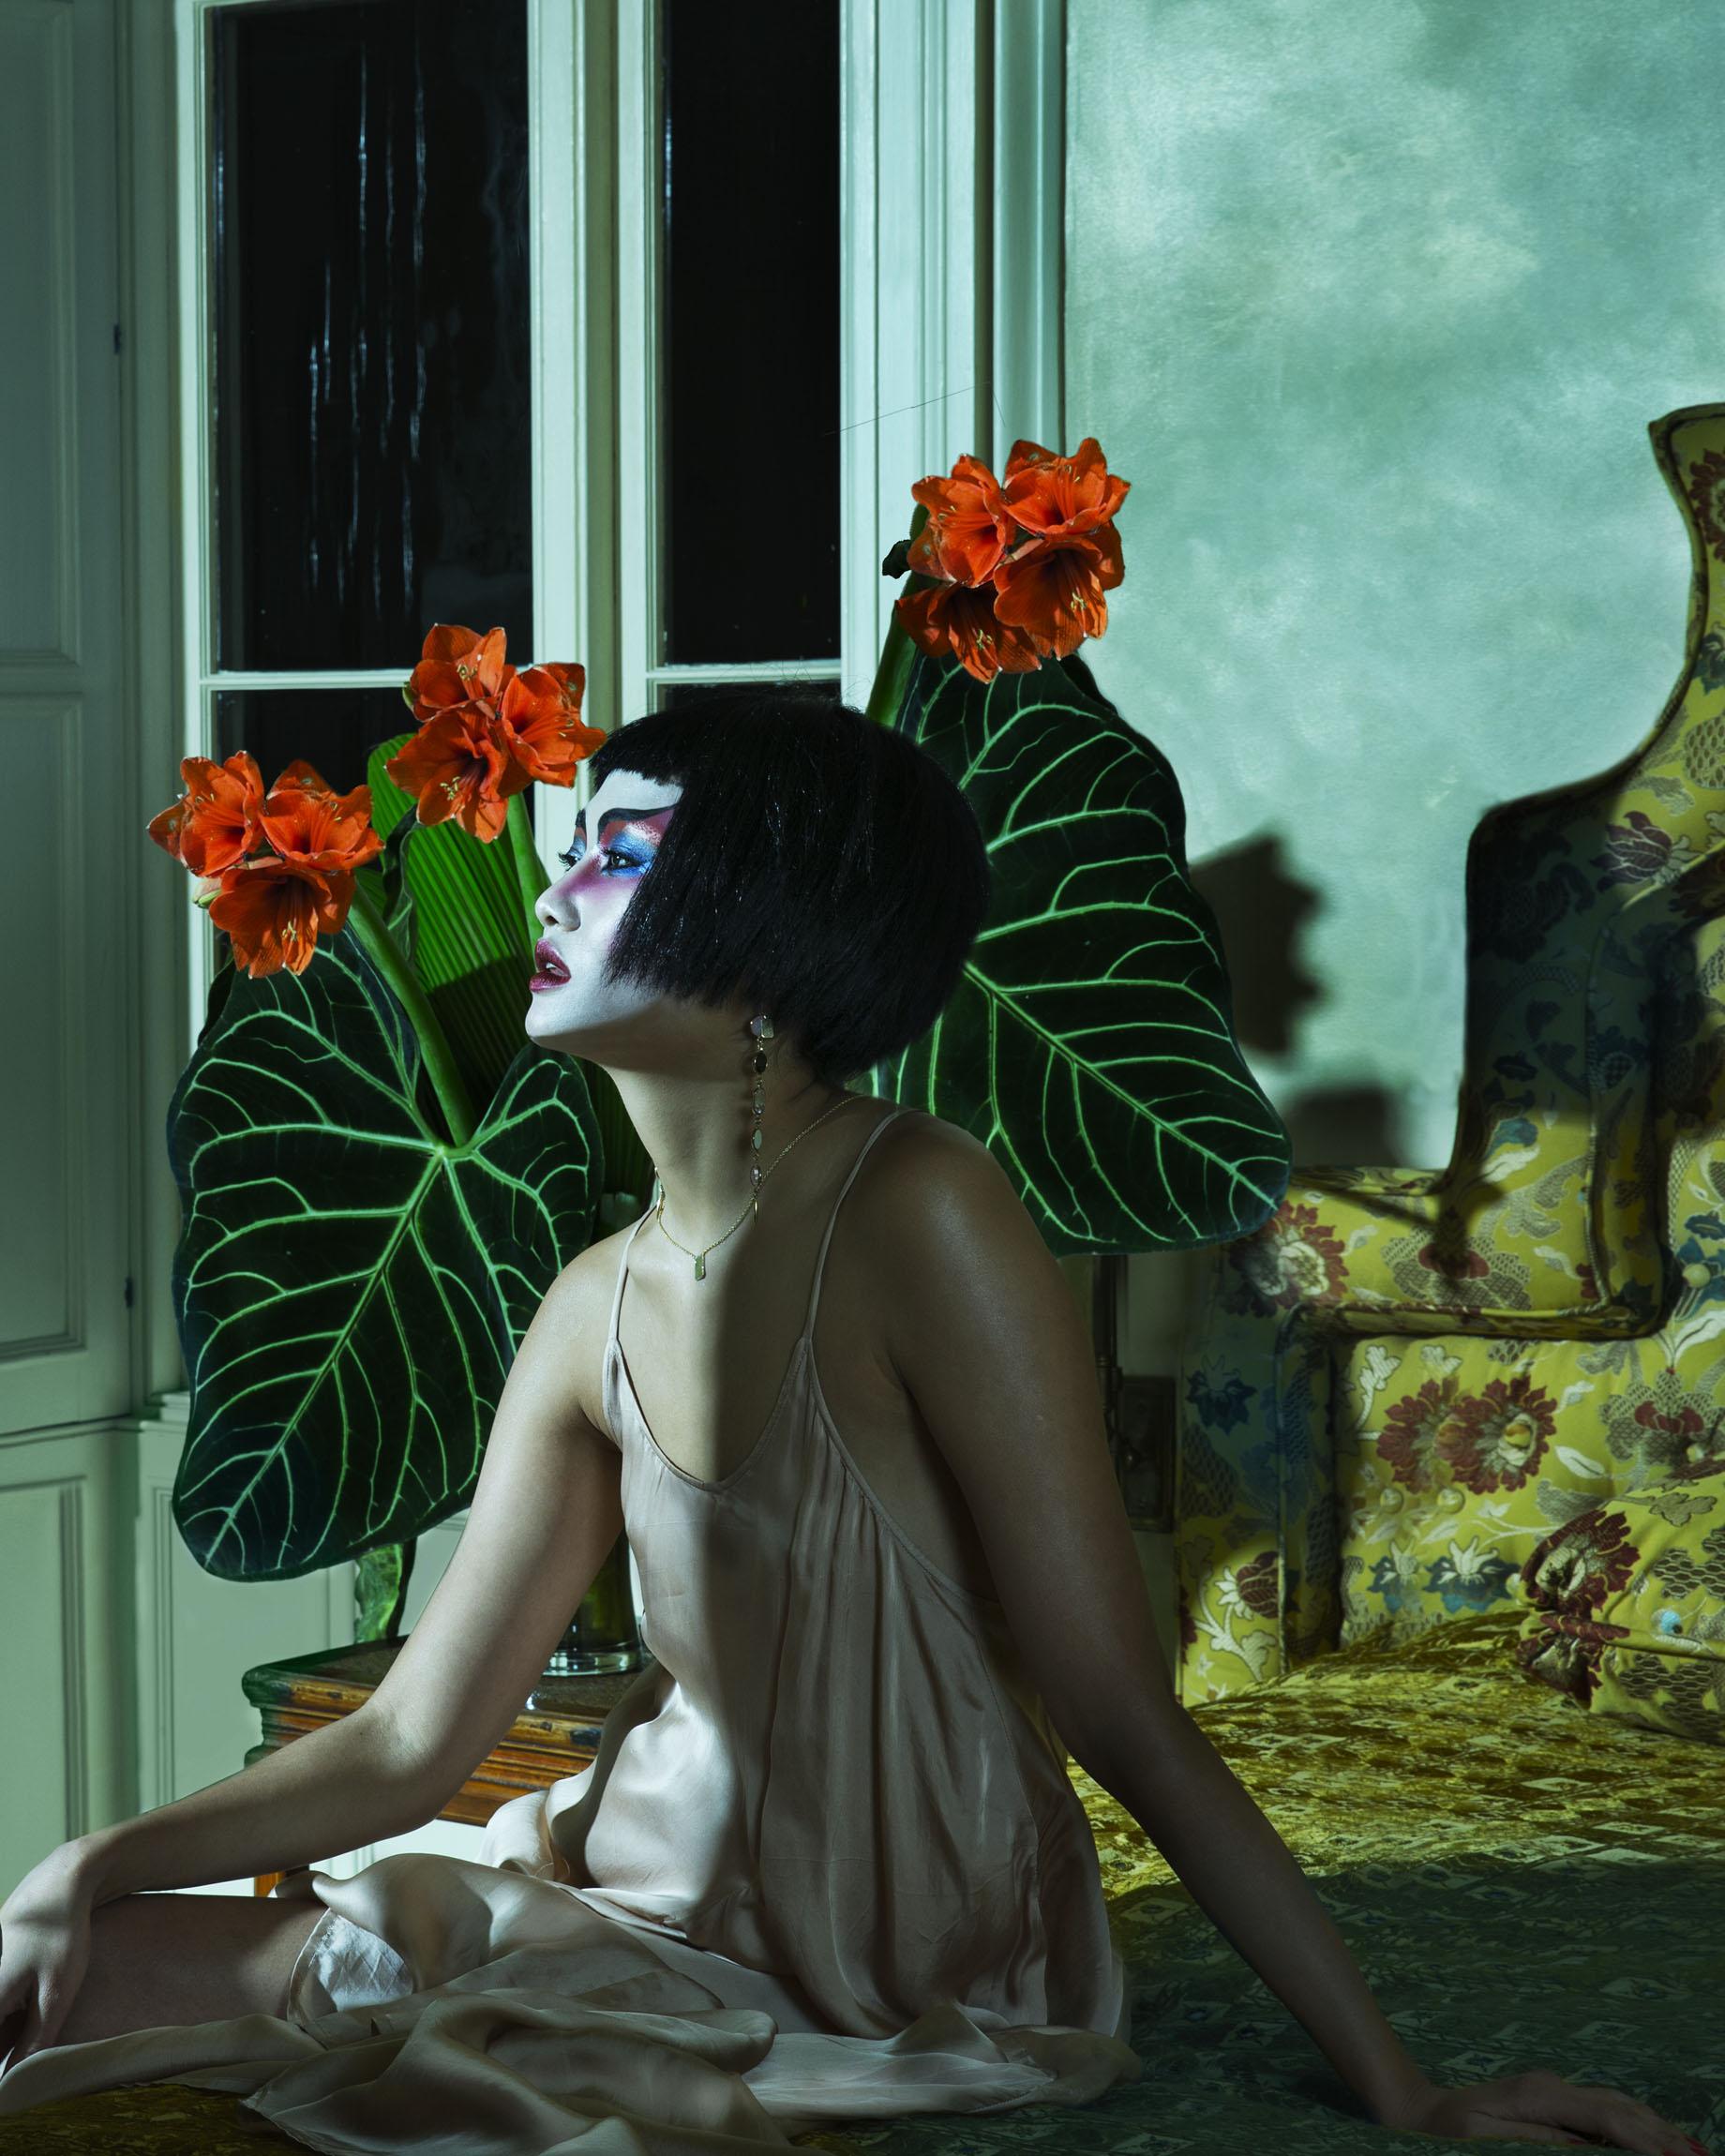 Spirit-&-Flesh-Magazine_PRESTIGE-by-Roy-Schweiger_07